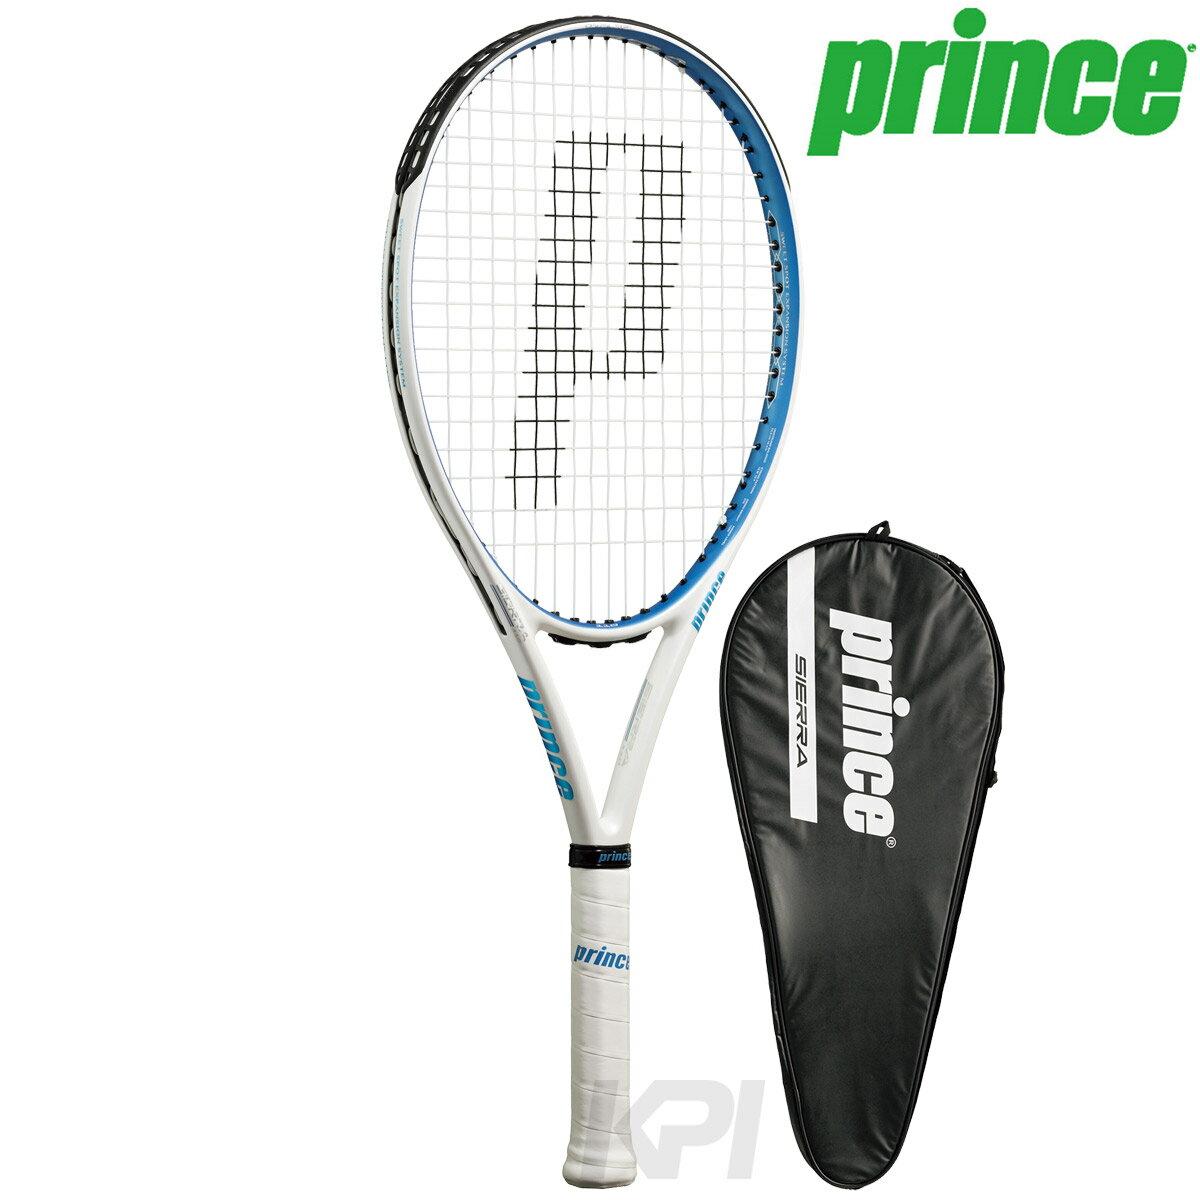 【均一セール】「あす楽対応」Prince(プリンス)「SIERRA 110(シエラ 110) 7TJ021」硬式テニスラケット(スマートテニスセンサー対応) 『即日出荷』